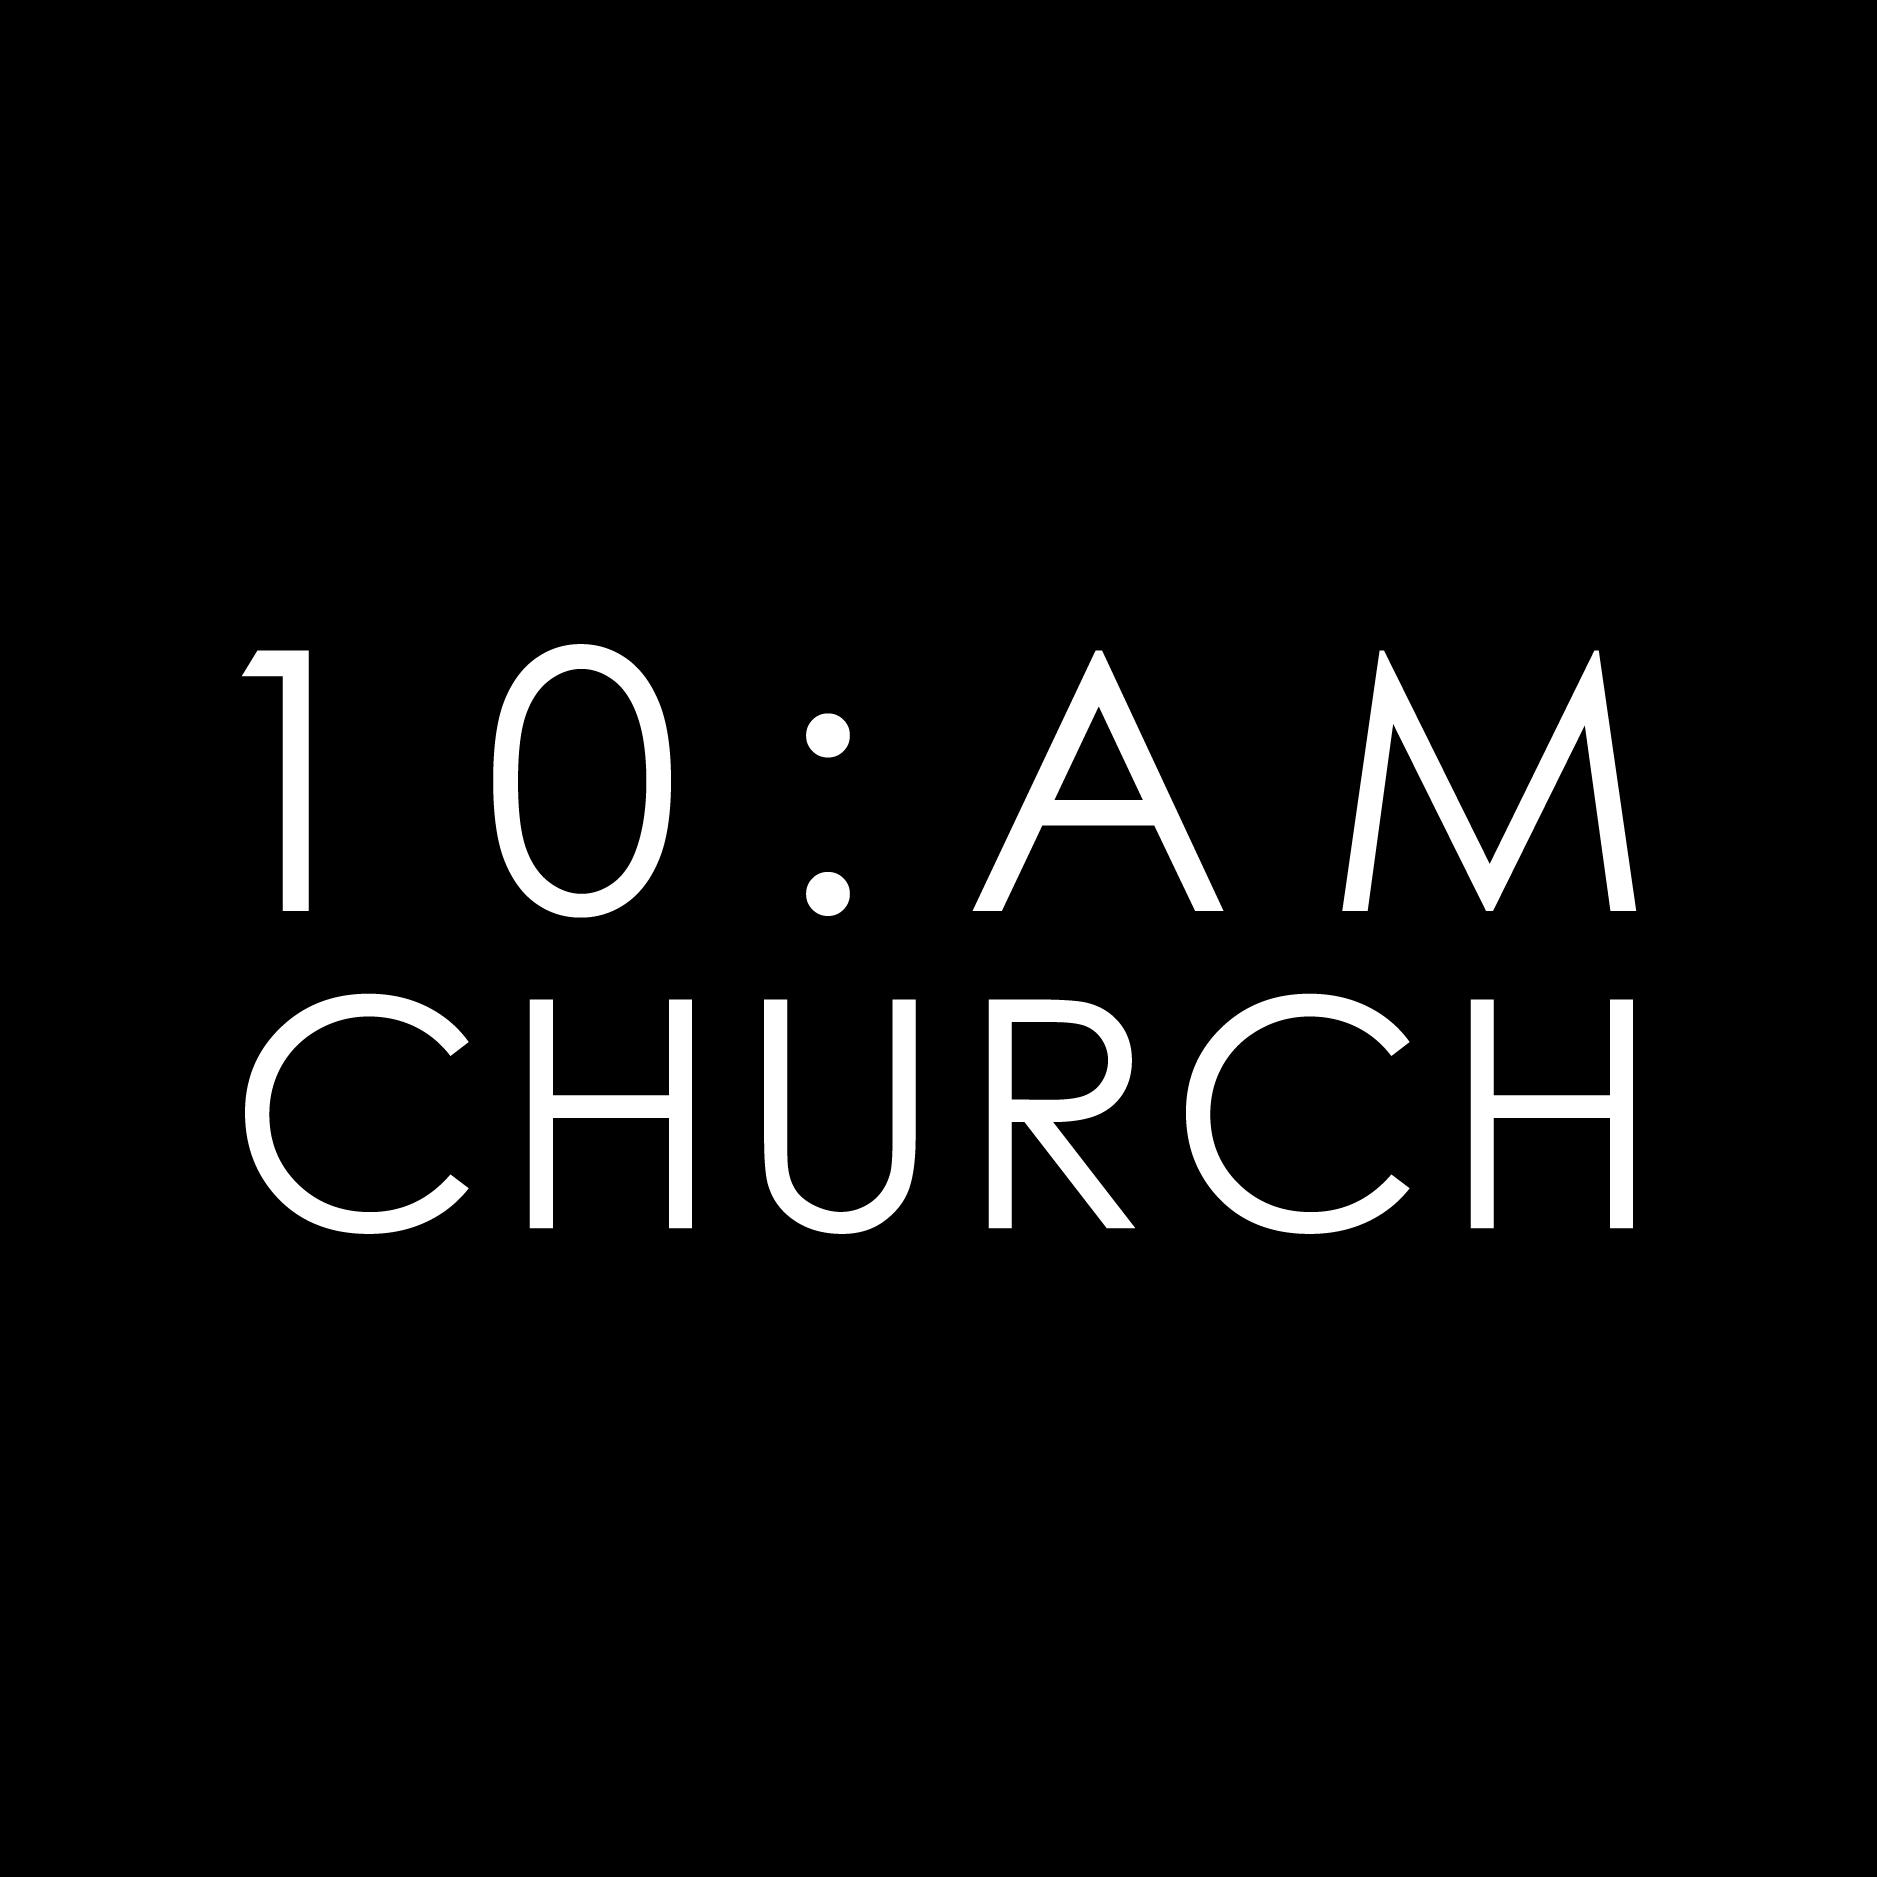 10am CHURCH